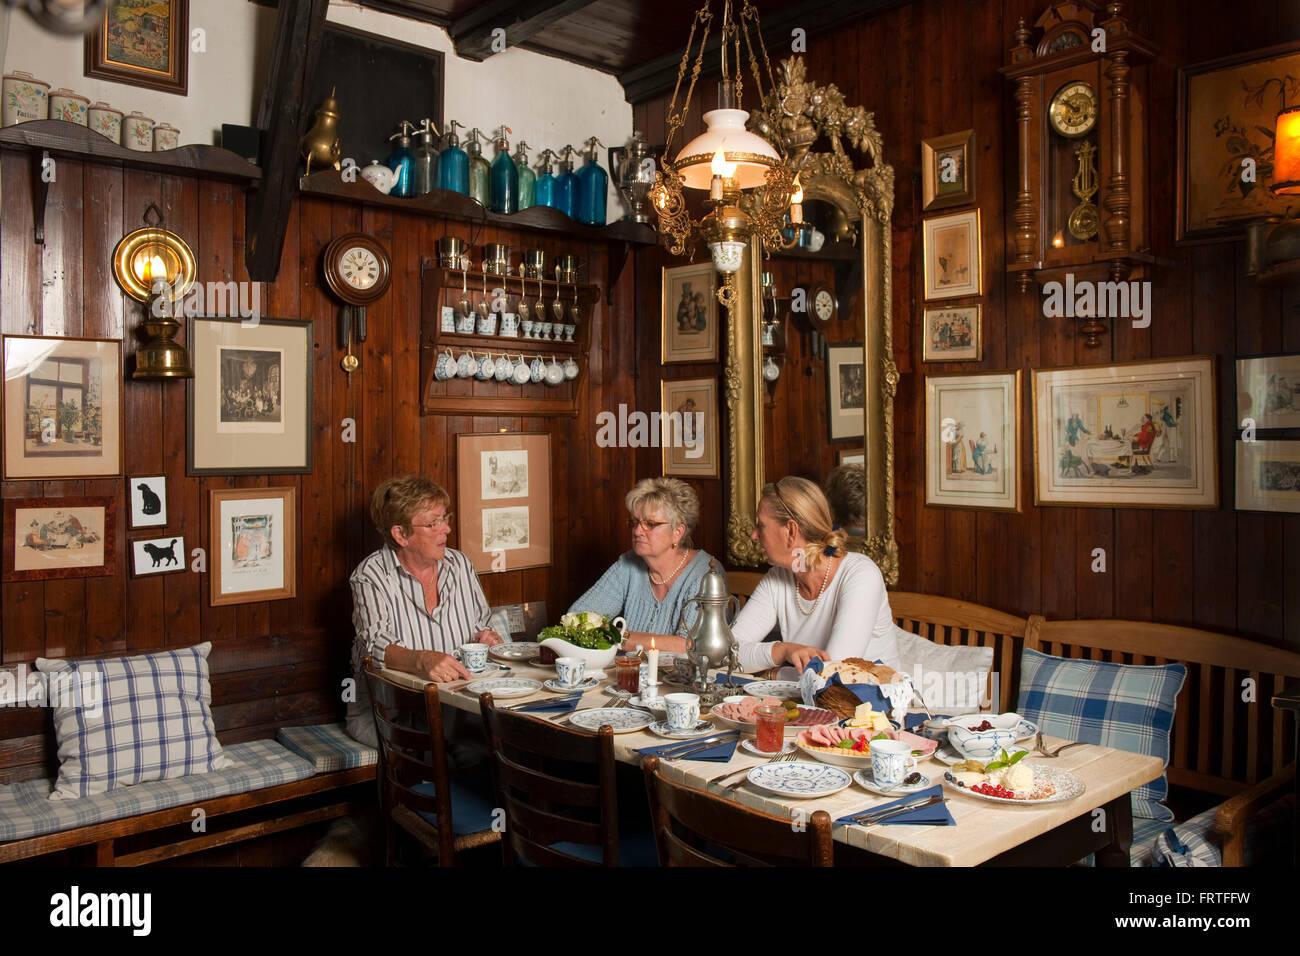 Deutschland bergisch gladbach ortsteil herrenstrunden bergische stock photo 100727981 alamy - Mobel bergisch gladbach ...